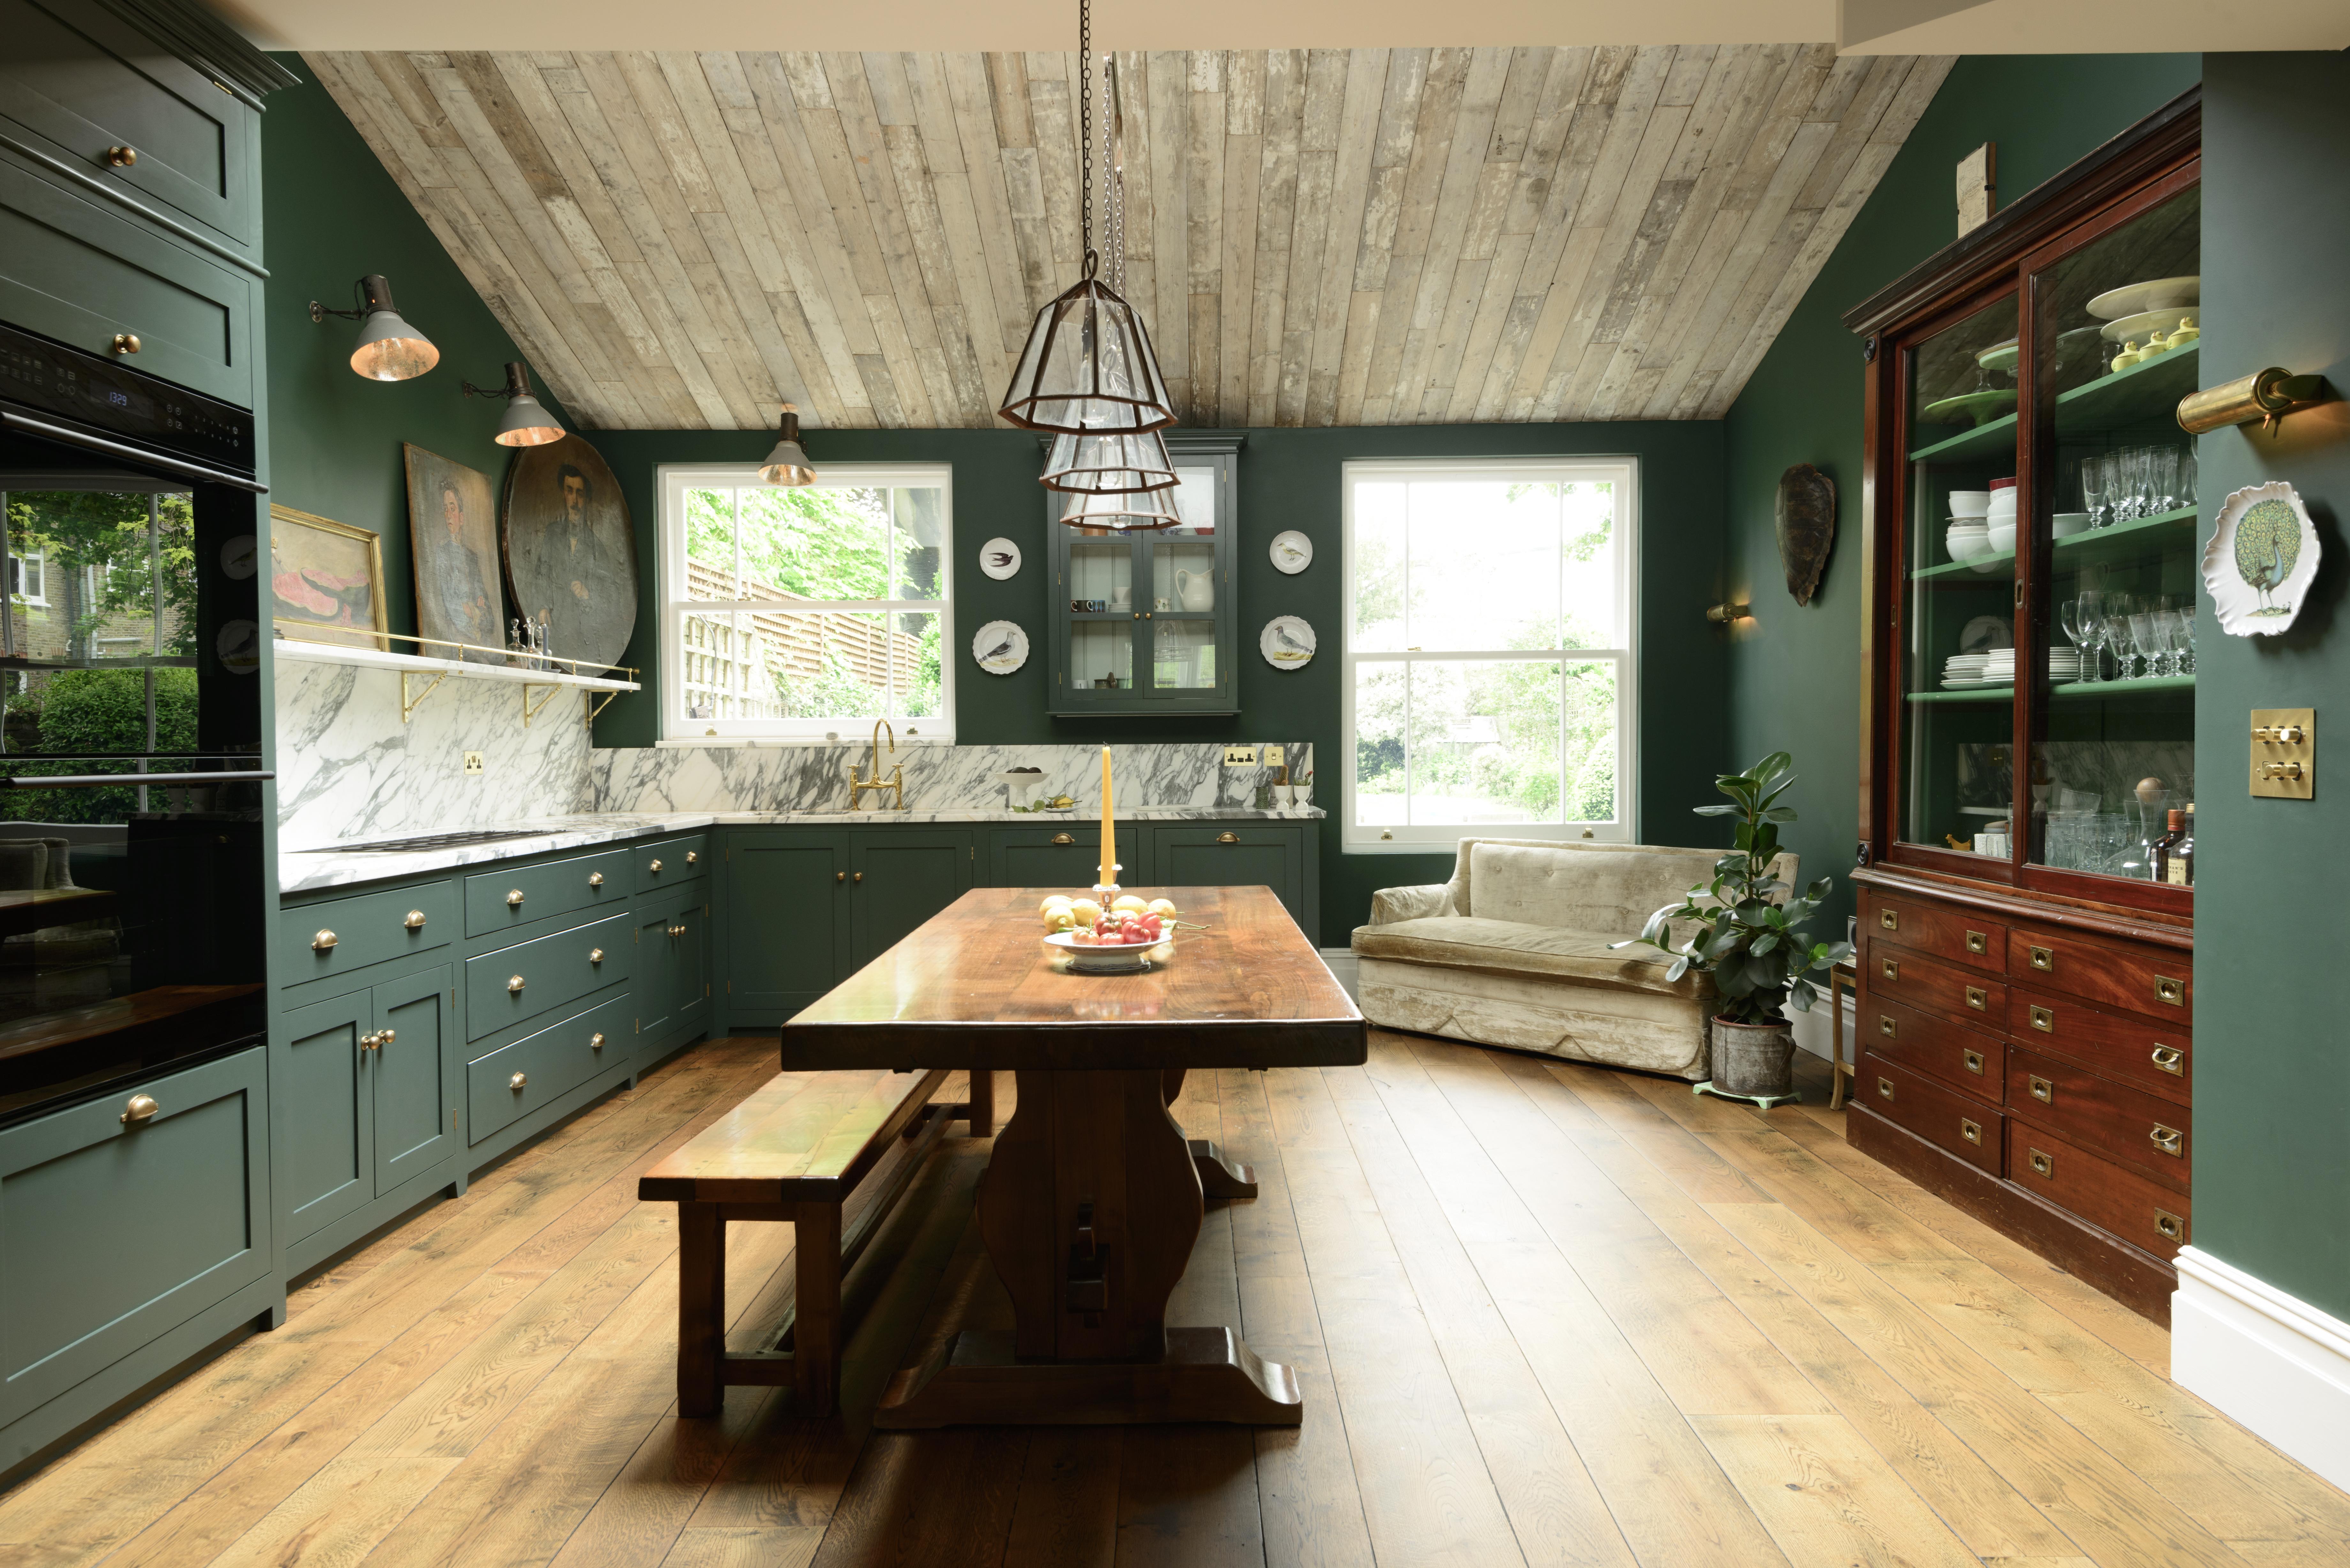 green shaker kitchen marble splashback by Devol Kitchens